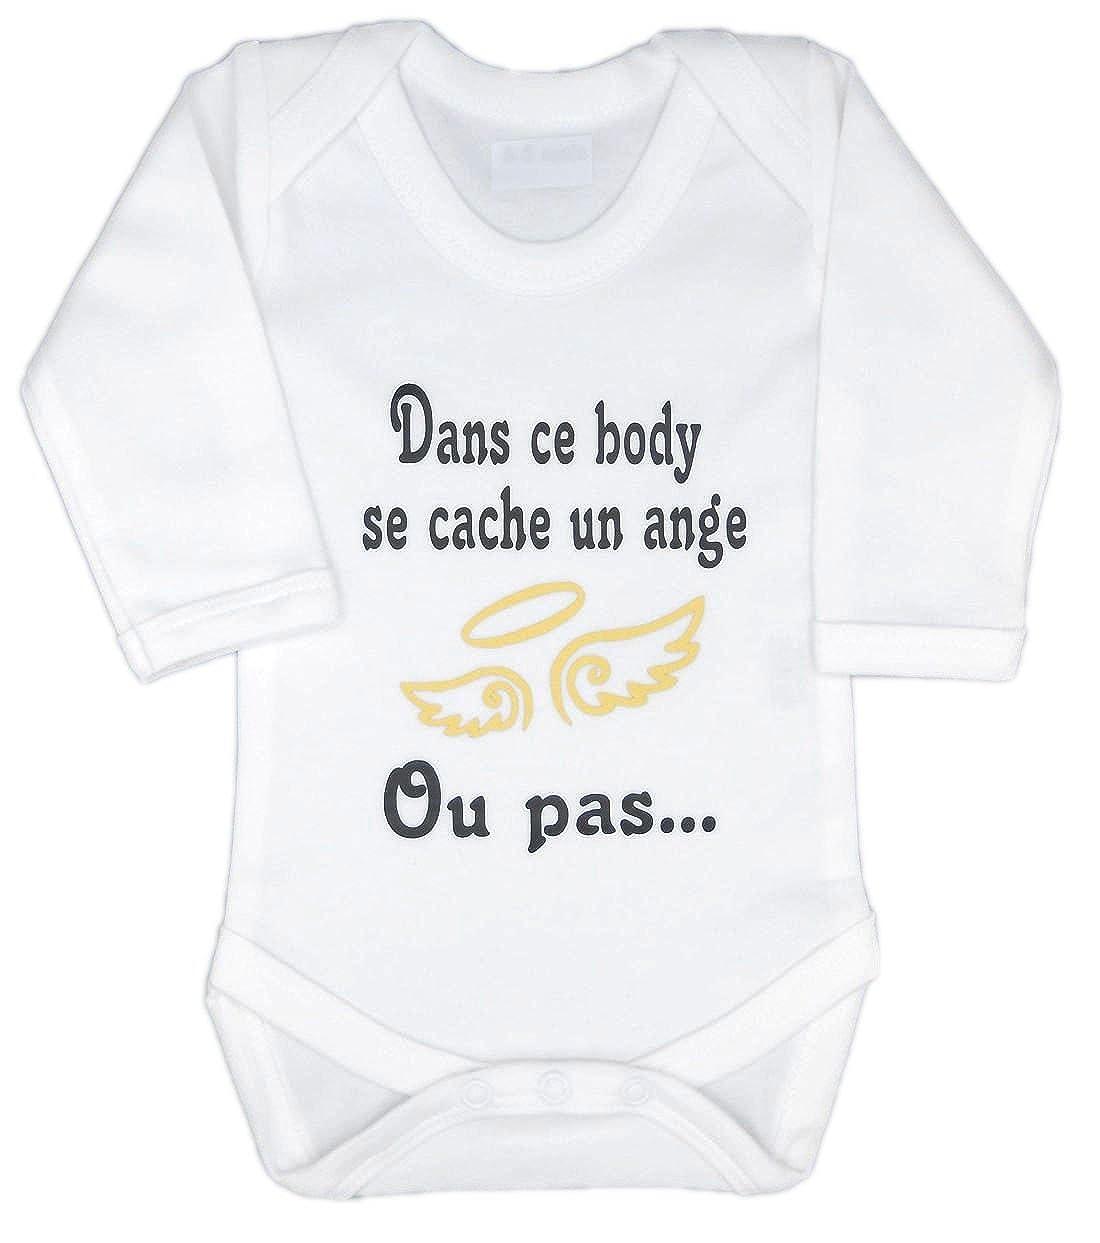 Les lutins de Camille-Body bébé fille ou garçon dans ce body se cache un ange...